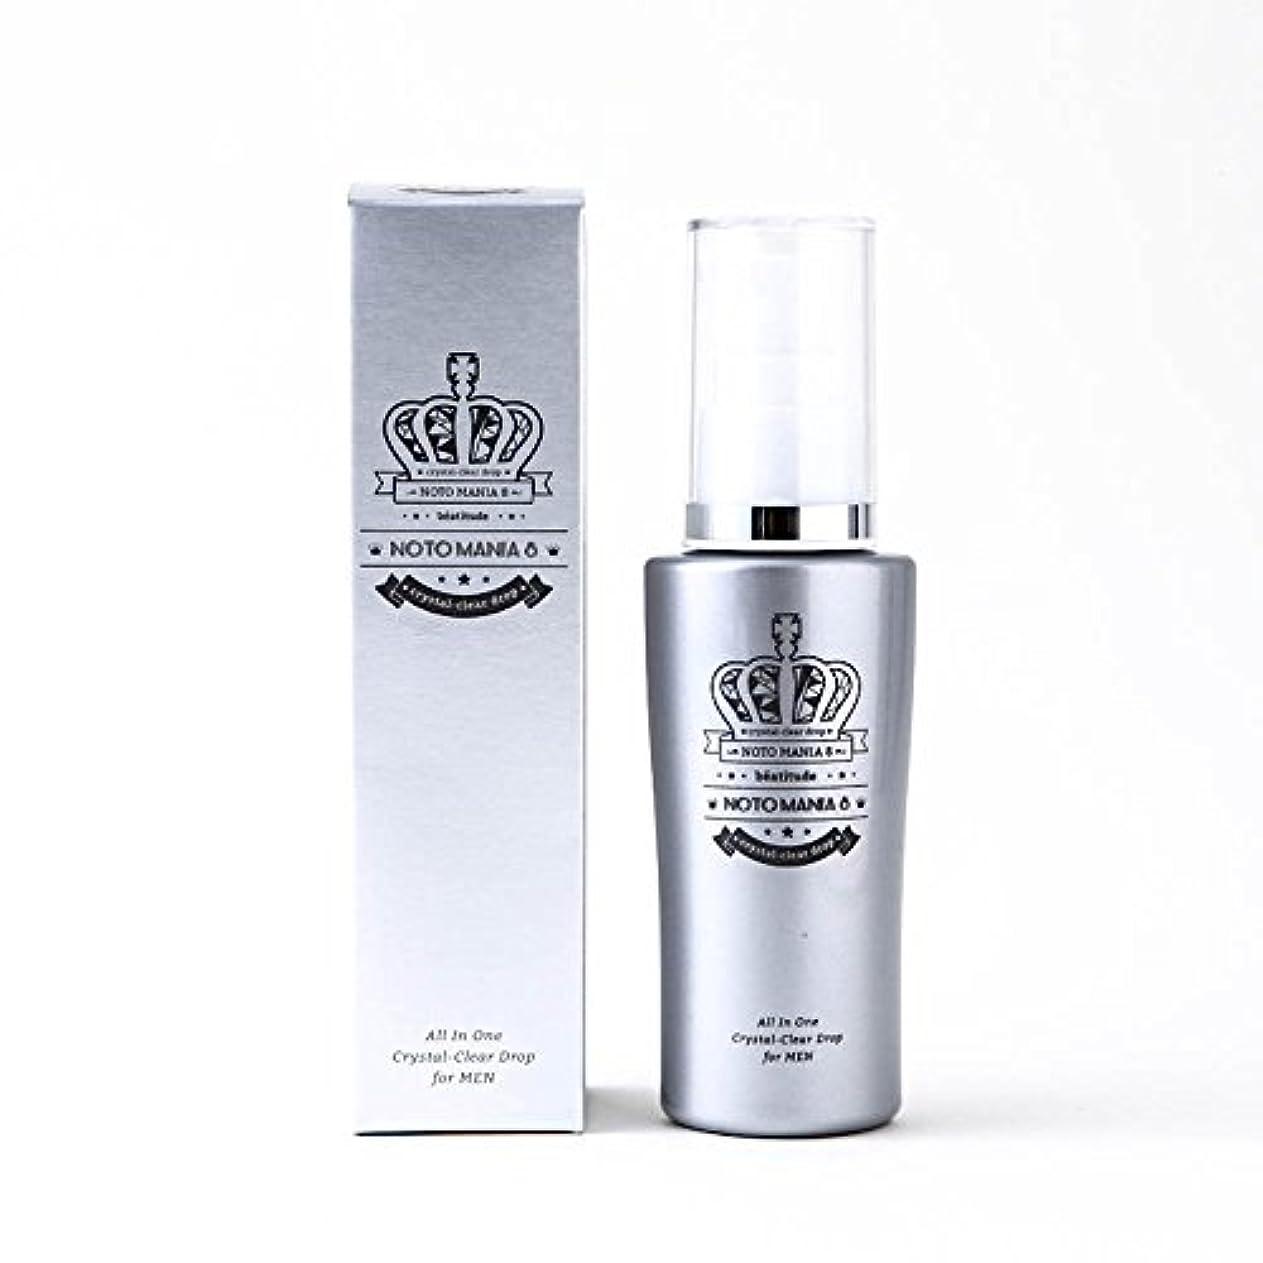 寄稿者被る知覚するノトマニア8 ( NOTOMANIA8 メンズ オールインワン 濃密保湿美容液 )& 男性用 スキンケア 化粧水